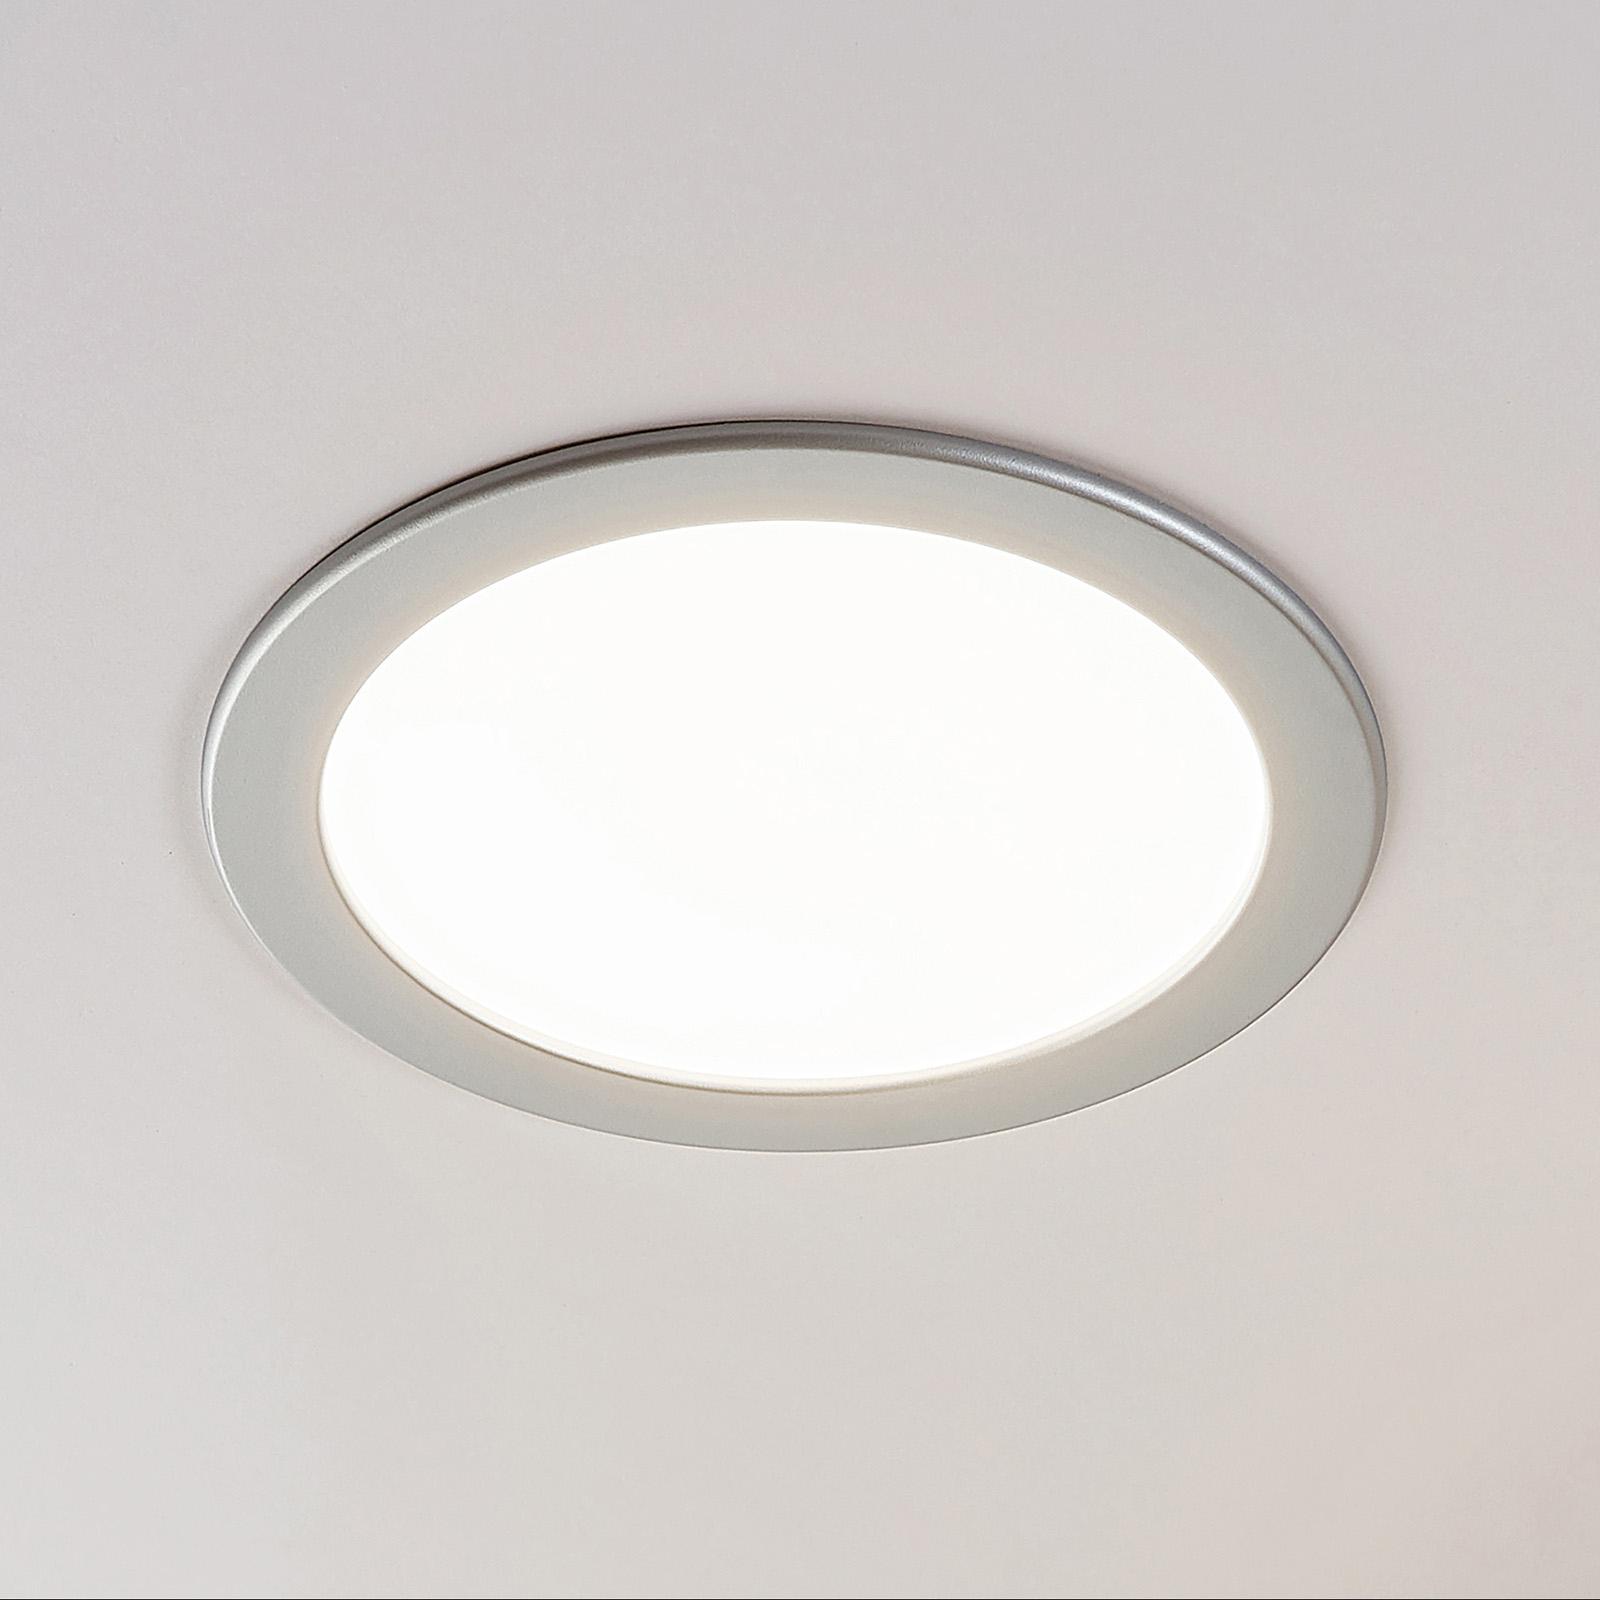 Spot encastré LED Joki argenté 3000K rond 24cm